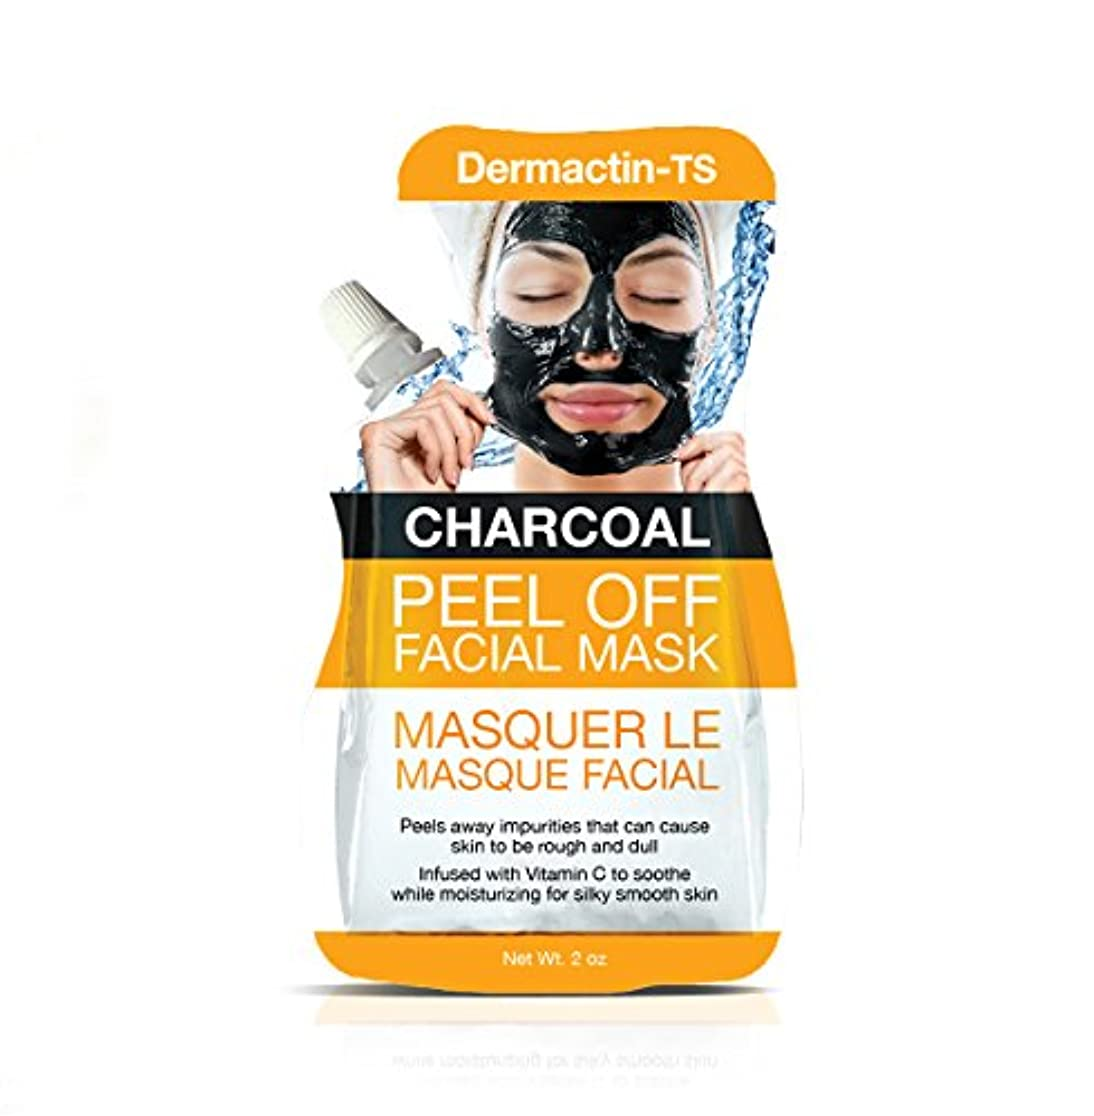 処方本質的ではないアルカトラズ島Dermactin-TS フェイシャルマスクを剥がすチャコール50 g (並行輸入品)